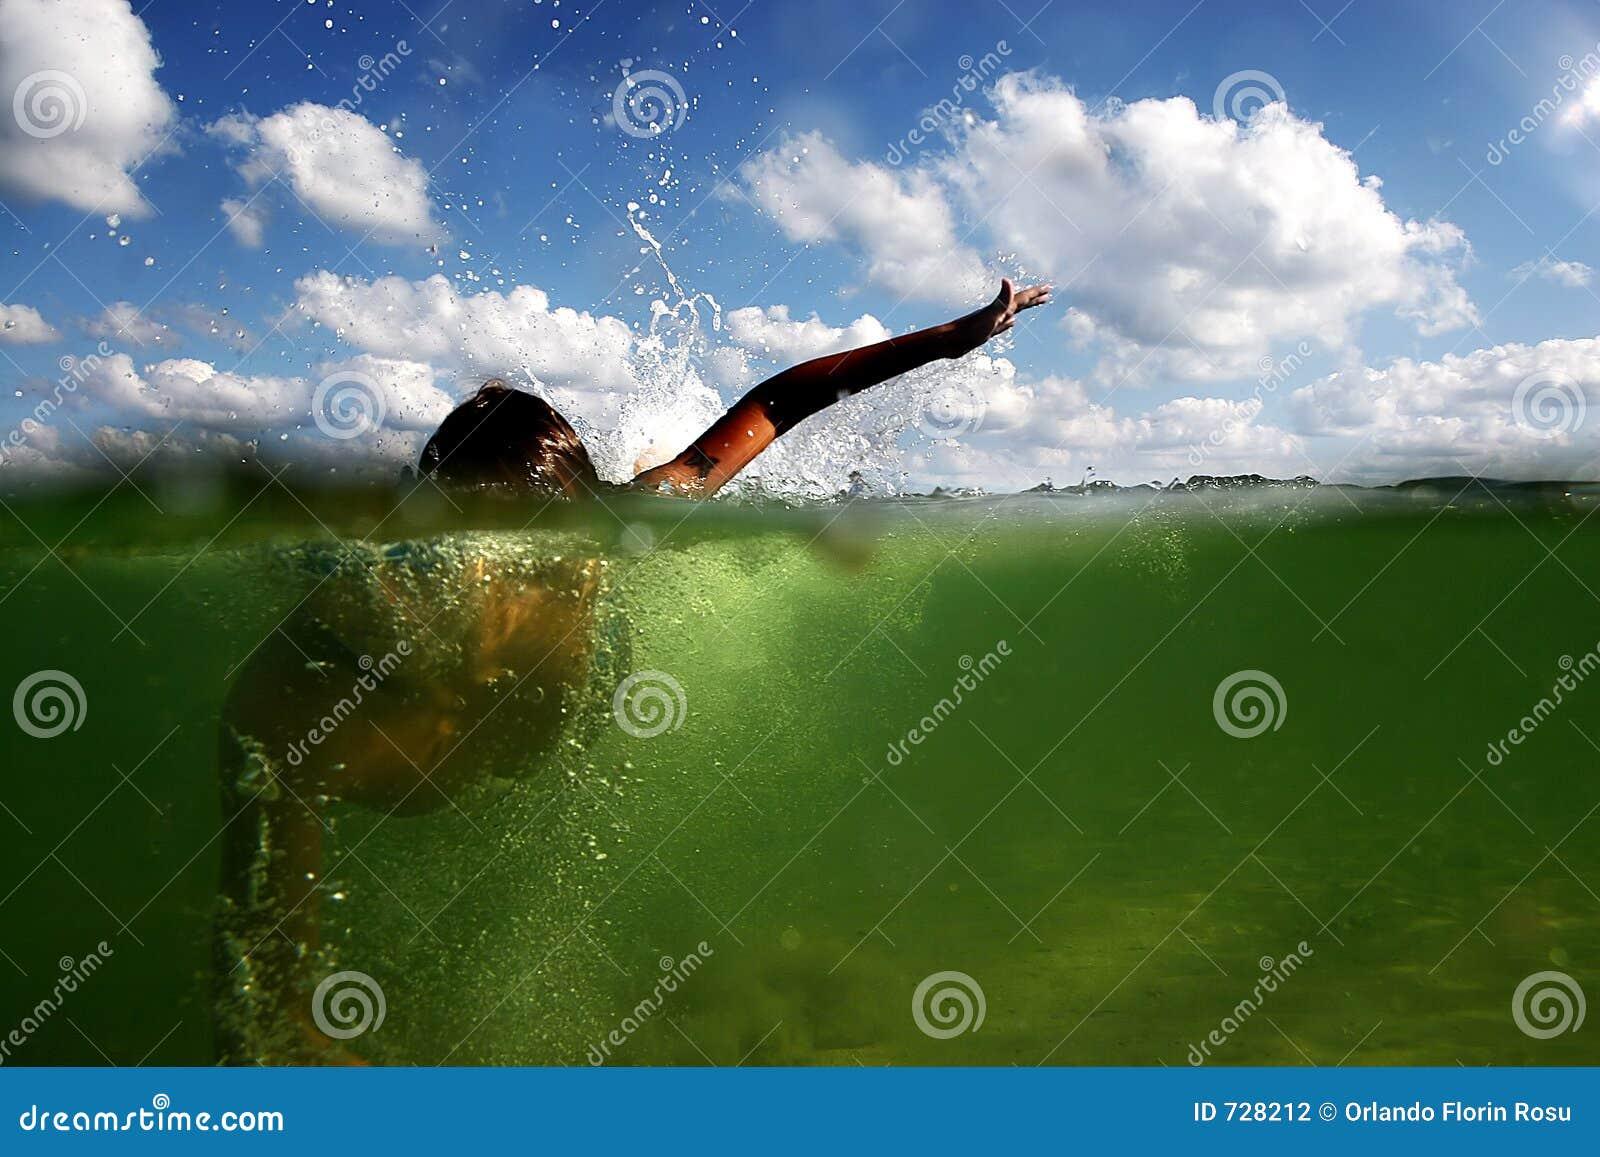 Underwater6